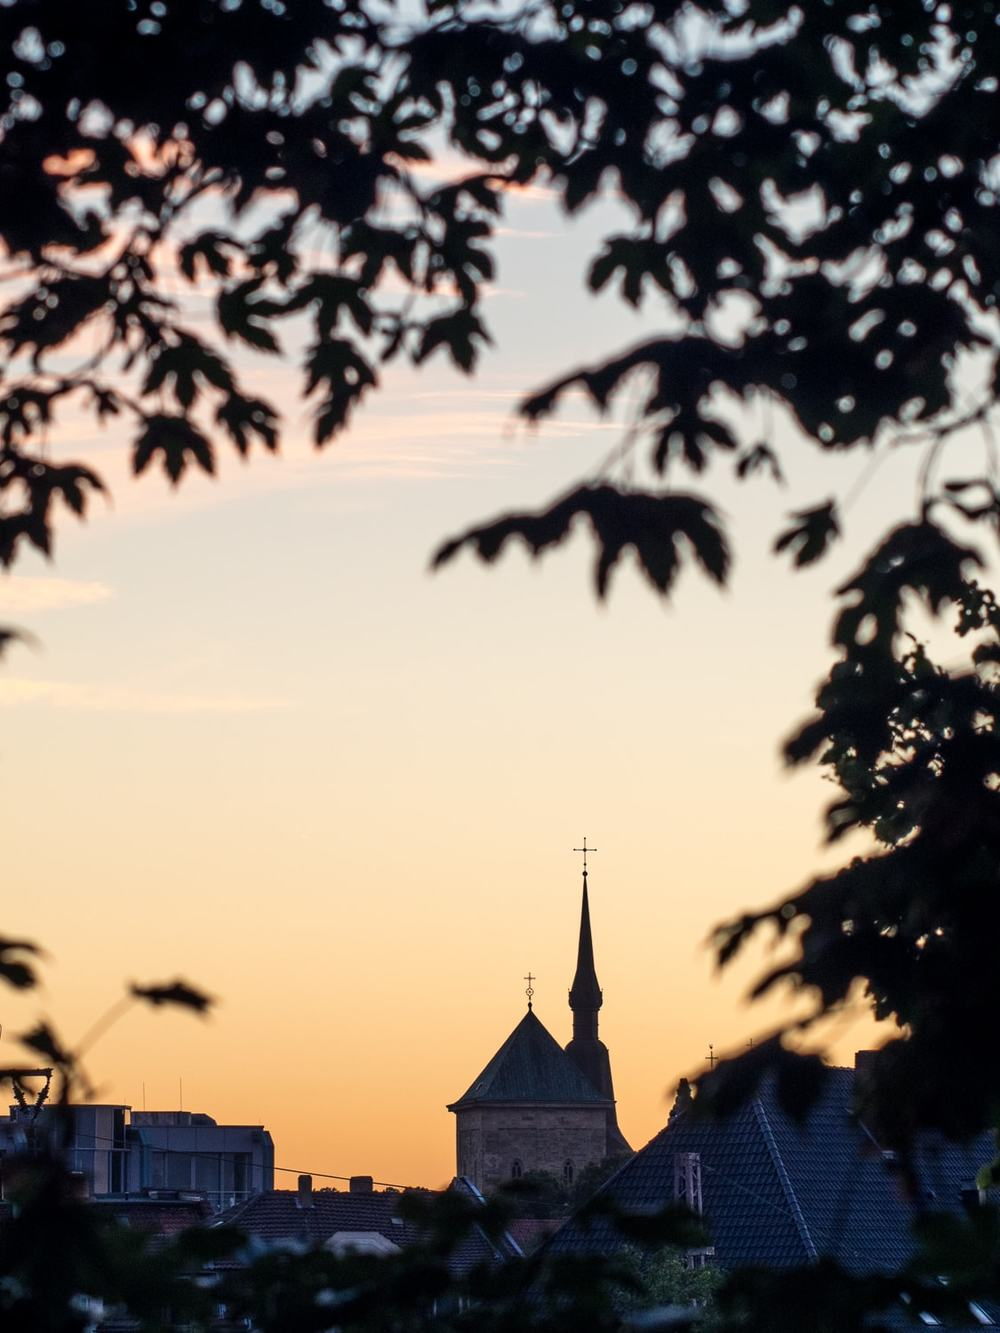 Osnabrück, Osnabrueck, Dom, Sonnenuntergang, Licht, Leica, Himmel, Gelb, Orange, Stadt, Deutschland, Geschichte, Kultur